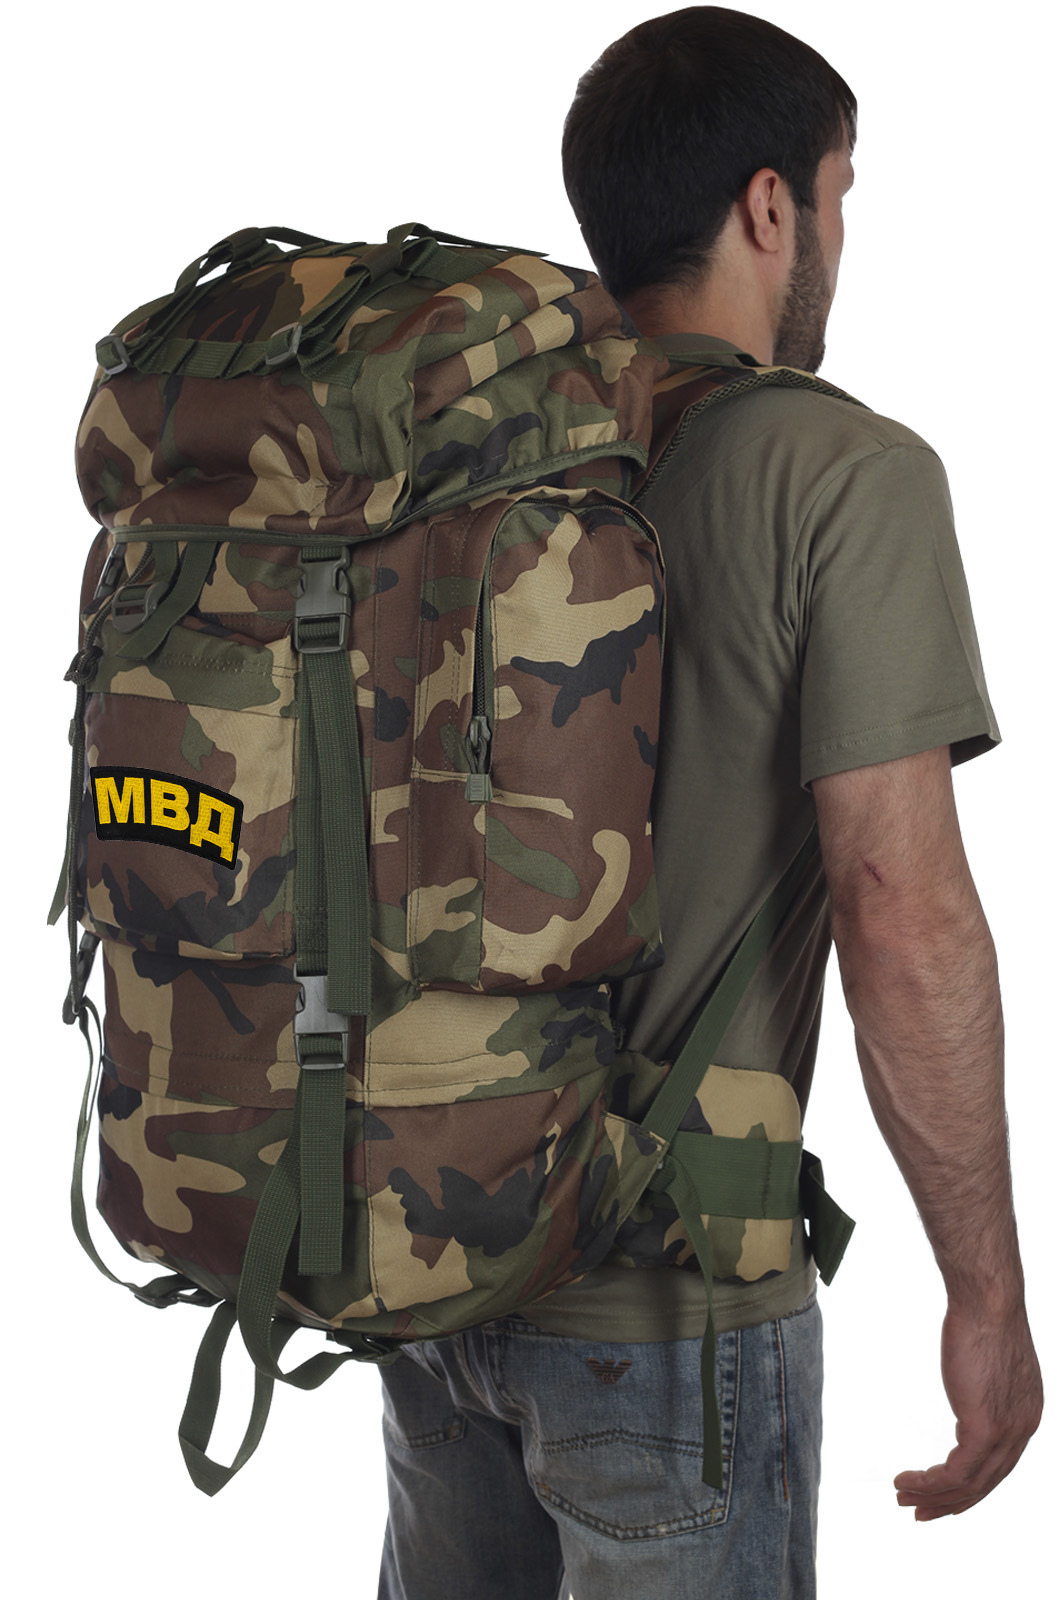 Камуфляжный рейдовый рюкзак CCE с нашивкой МВД - купить в розницу